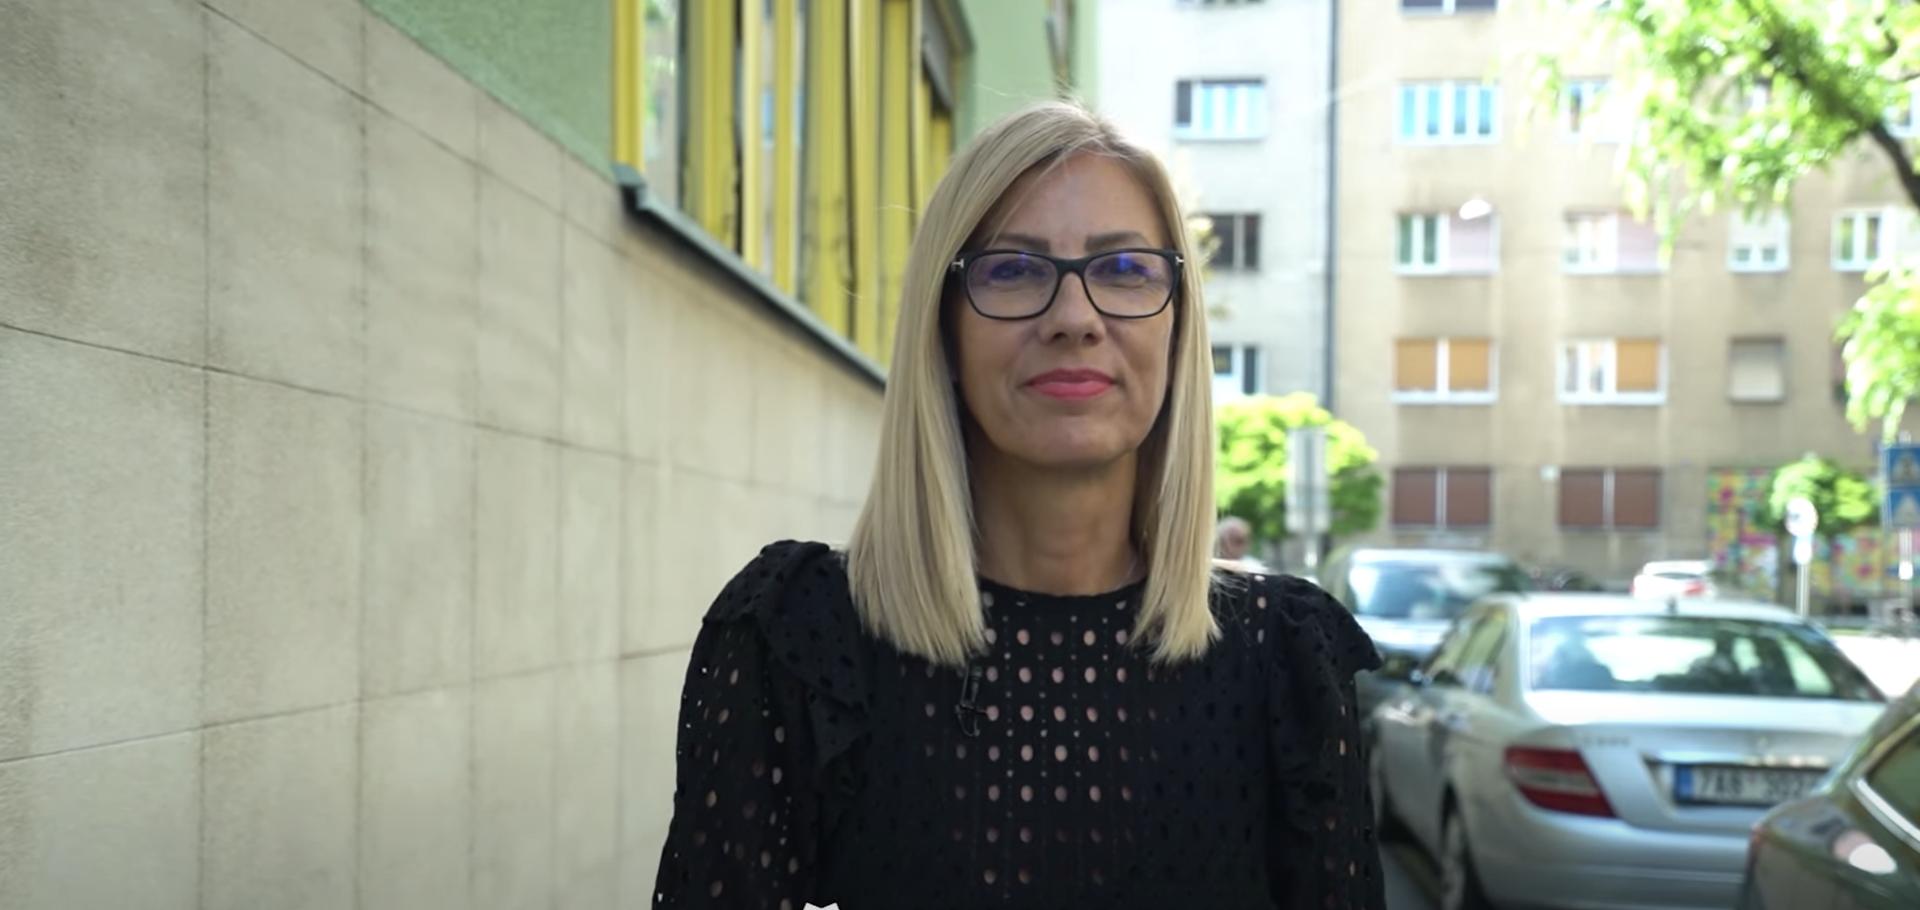 Mirna Zidarić iskreno: 'Kao i Đoković, ponovila bih Adria Tour, samo s maskom na licu!'